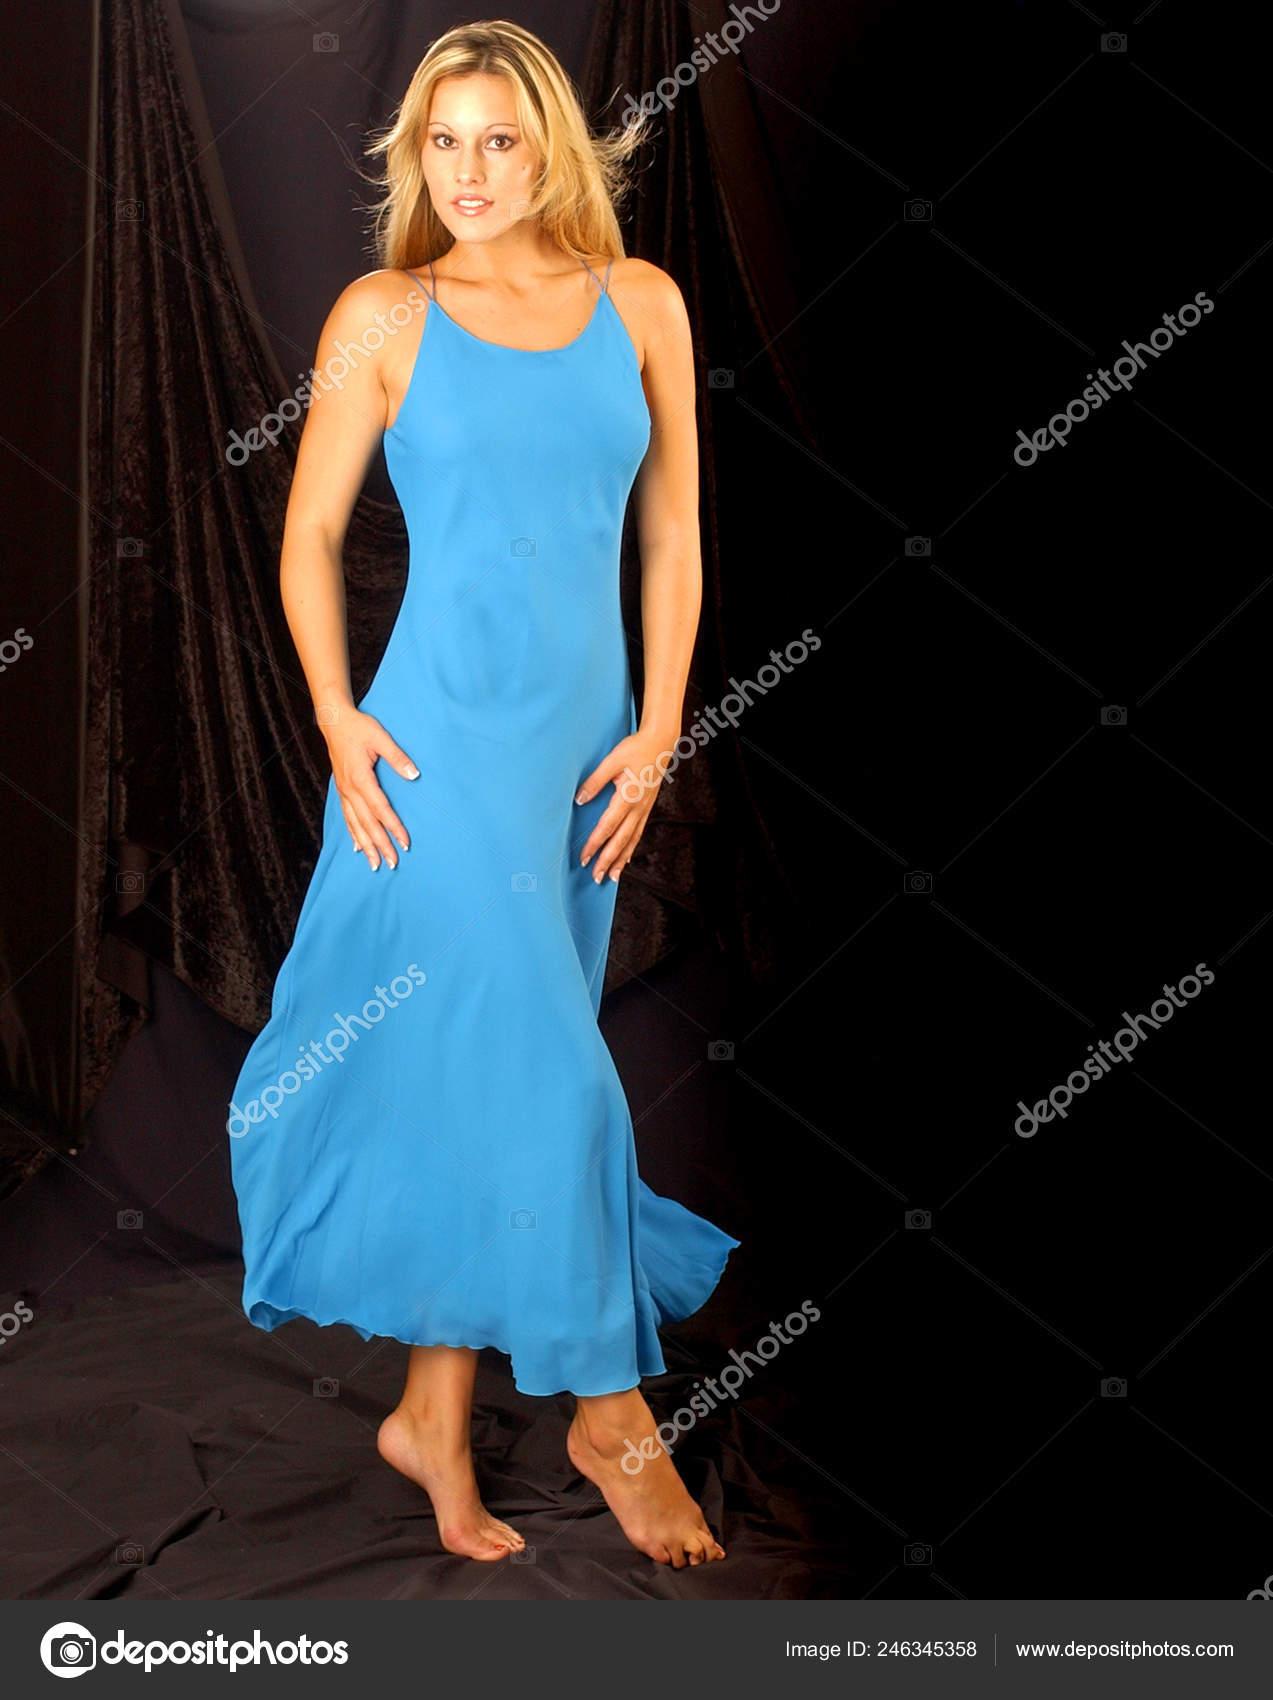 621945fd8 Hermosa Mujer Vestido Azul Escote Negro Fondo Correas Para Los — Foto de  Stock